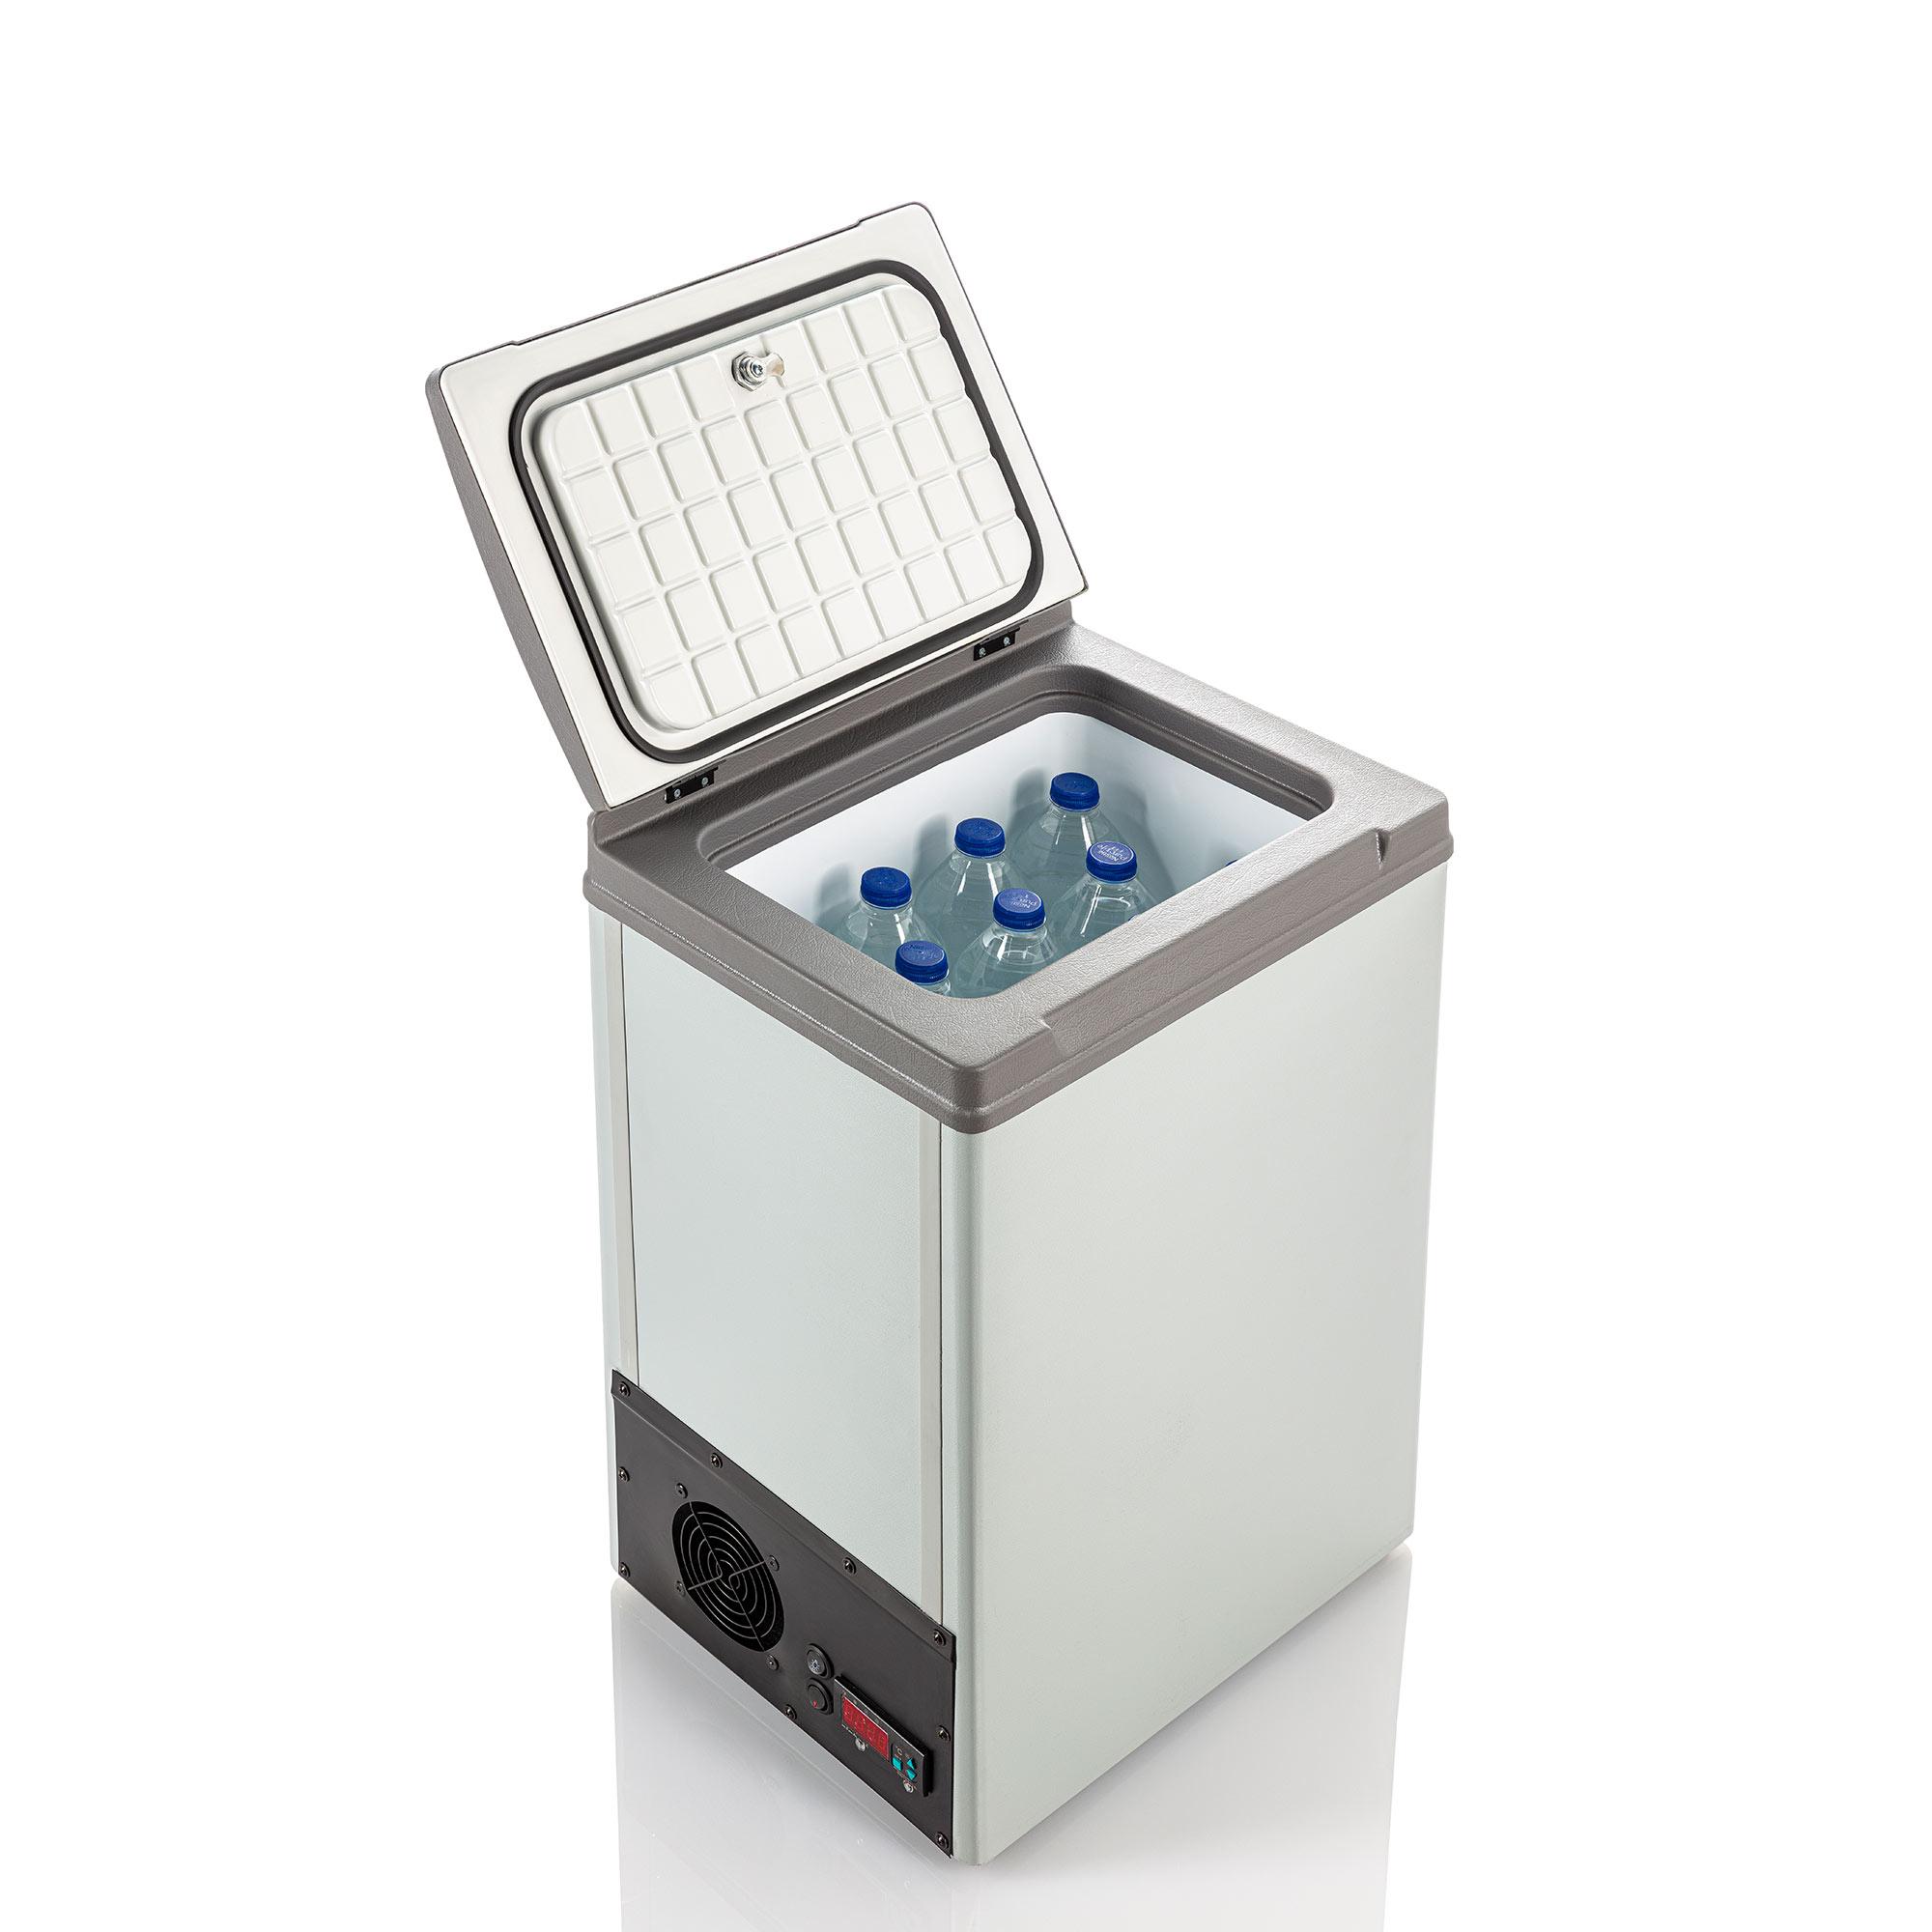 MPB 3258 28 LT Soğutucu Araç Buzdolabı